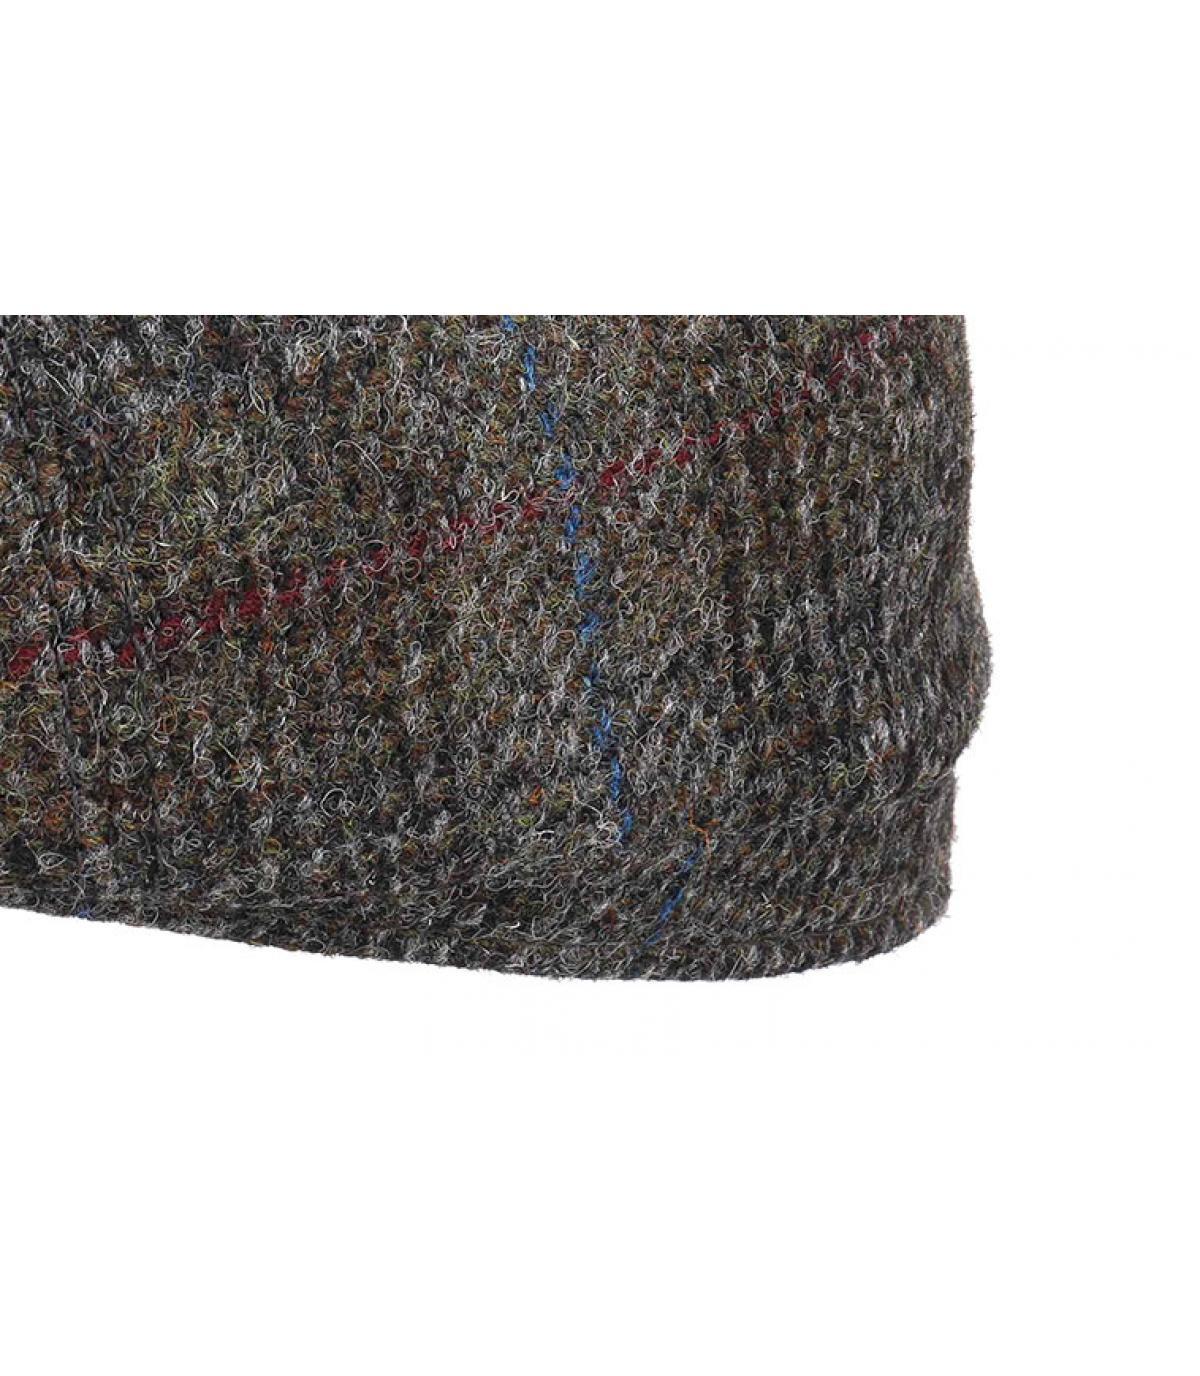 Details Hatteras Harris Tweed Virgin Wool grey check - afbeeling 3